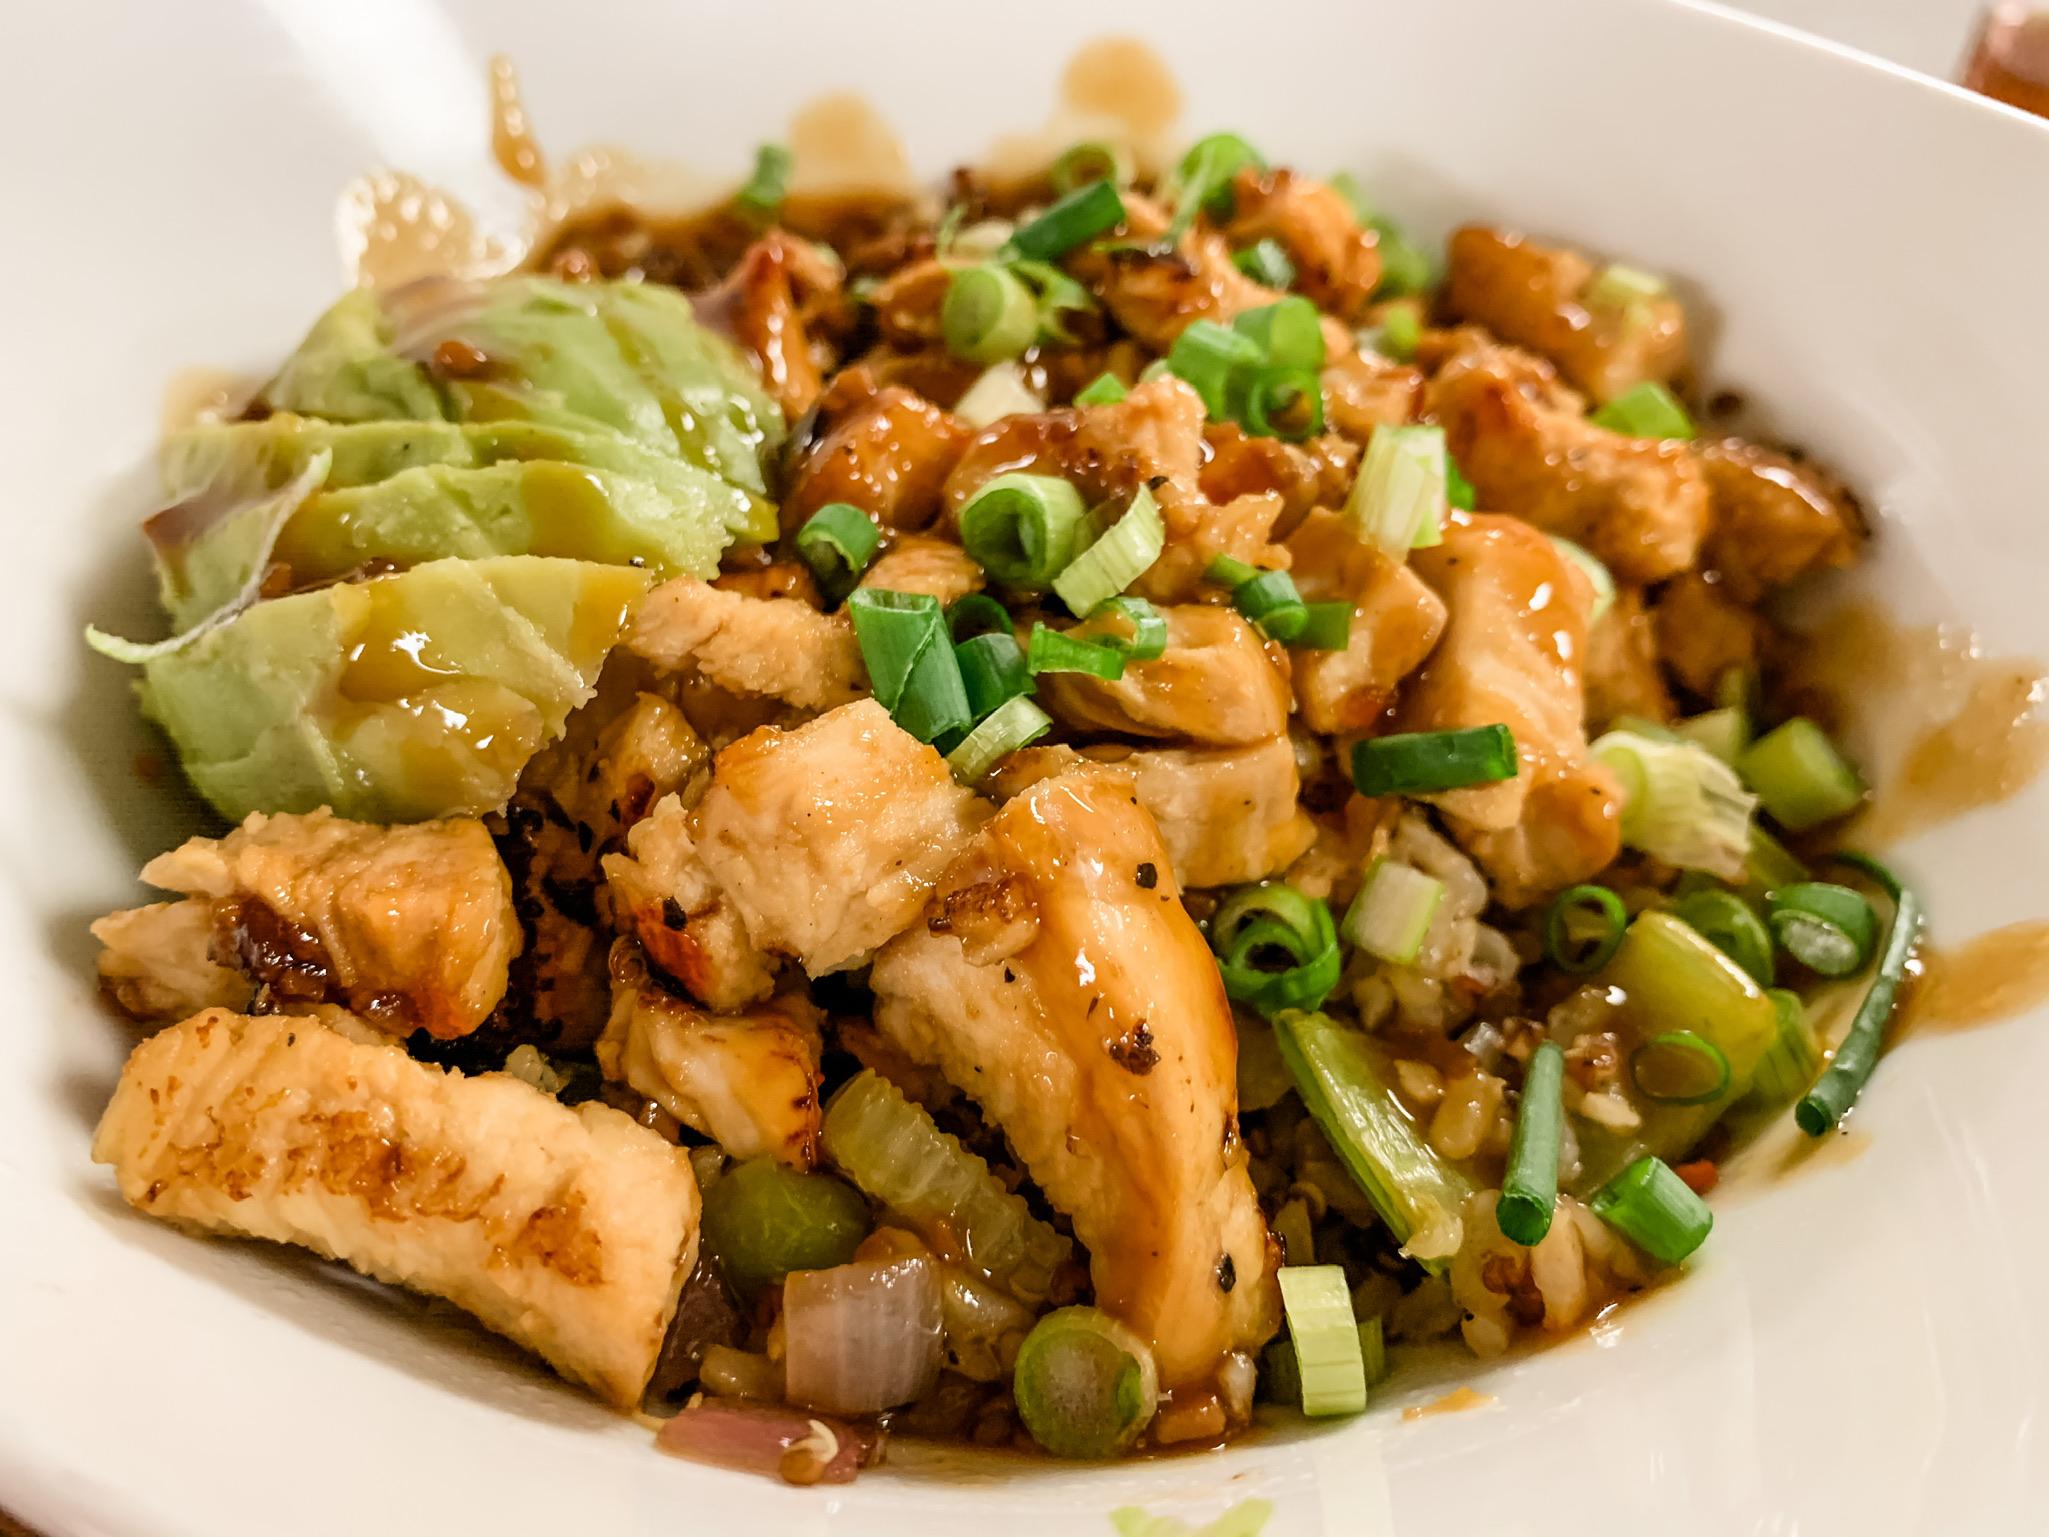 Rice bowl with chicken and orange teryaki